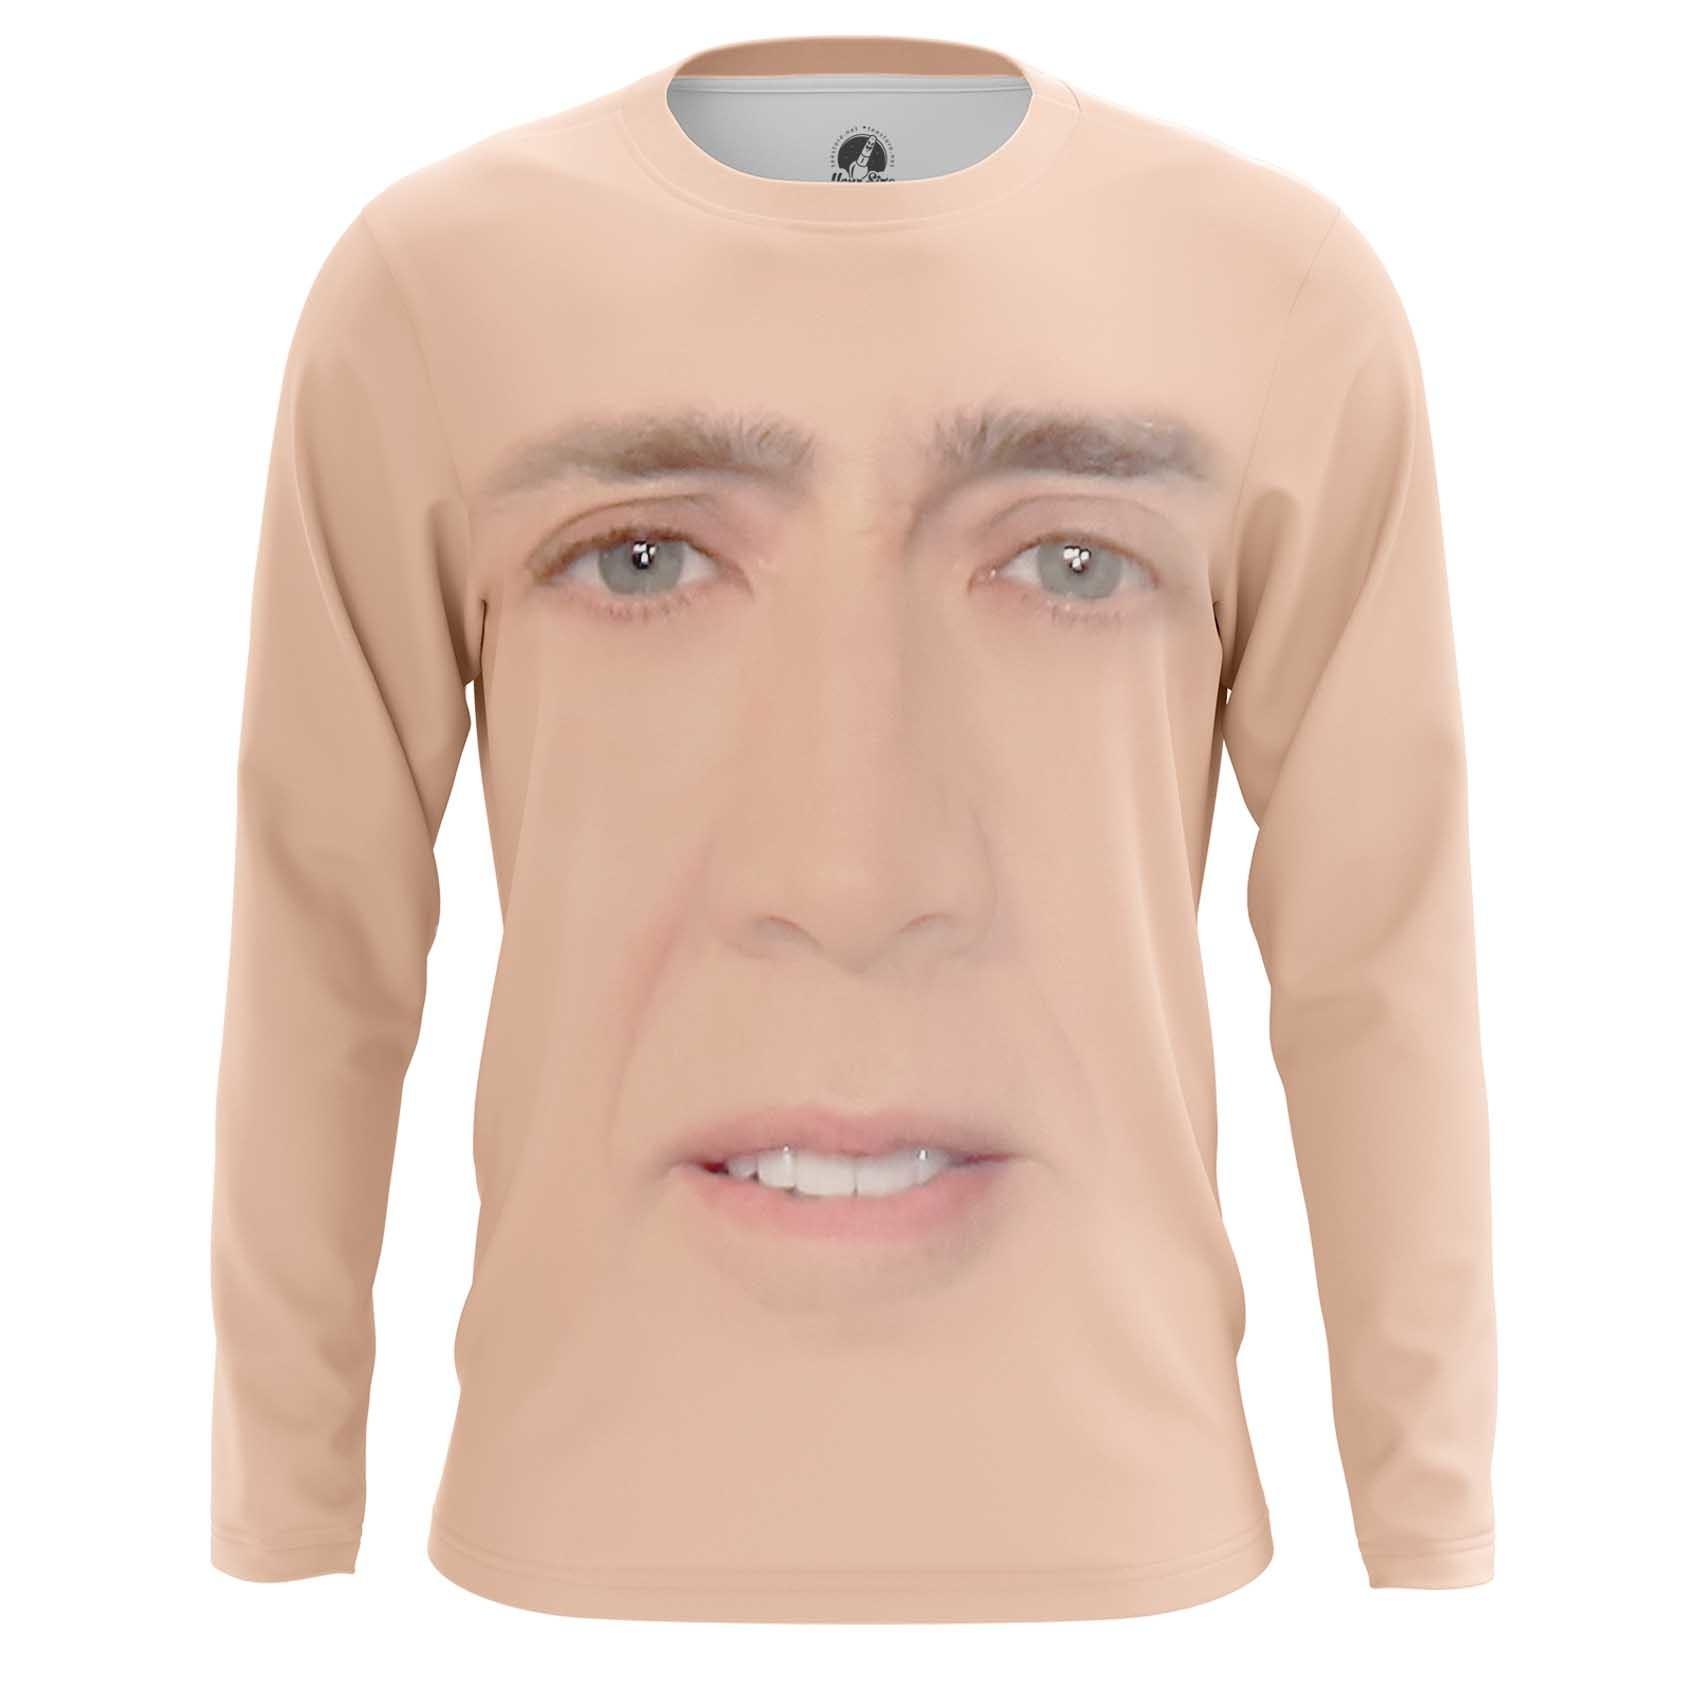 Collectibles Men'S T-Shirt Nicolas Cage Face Art Meme Fun